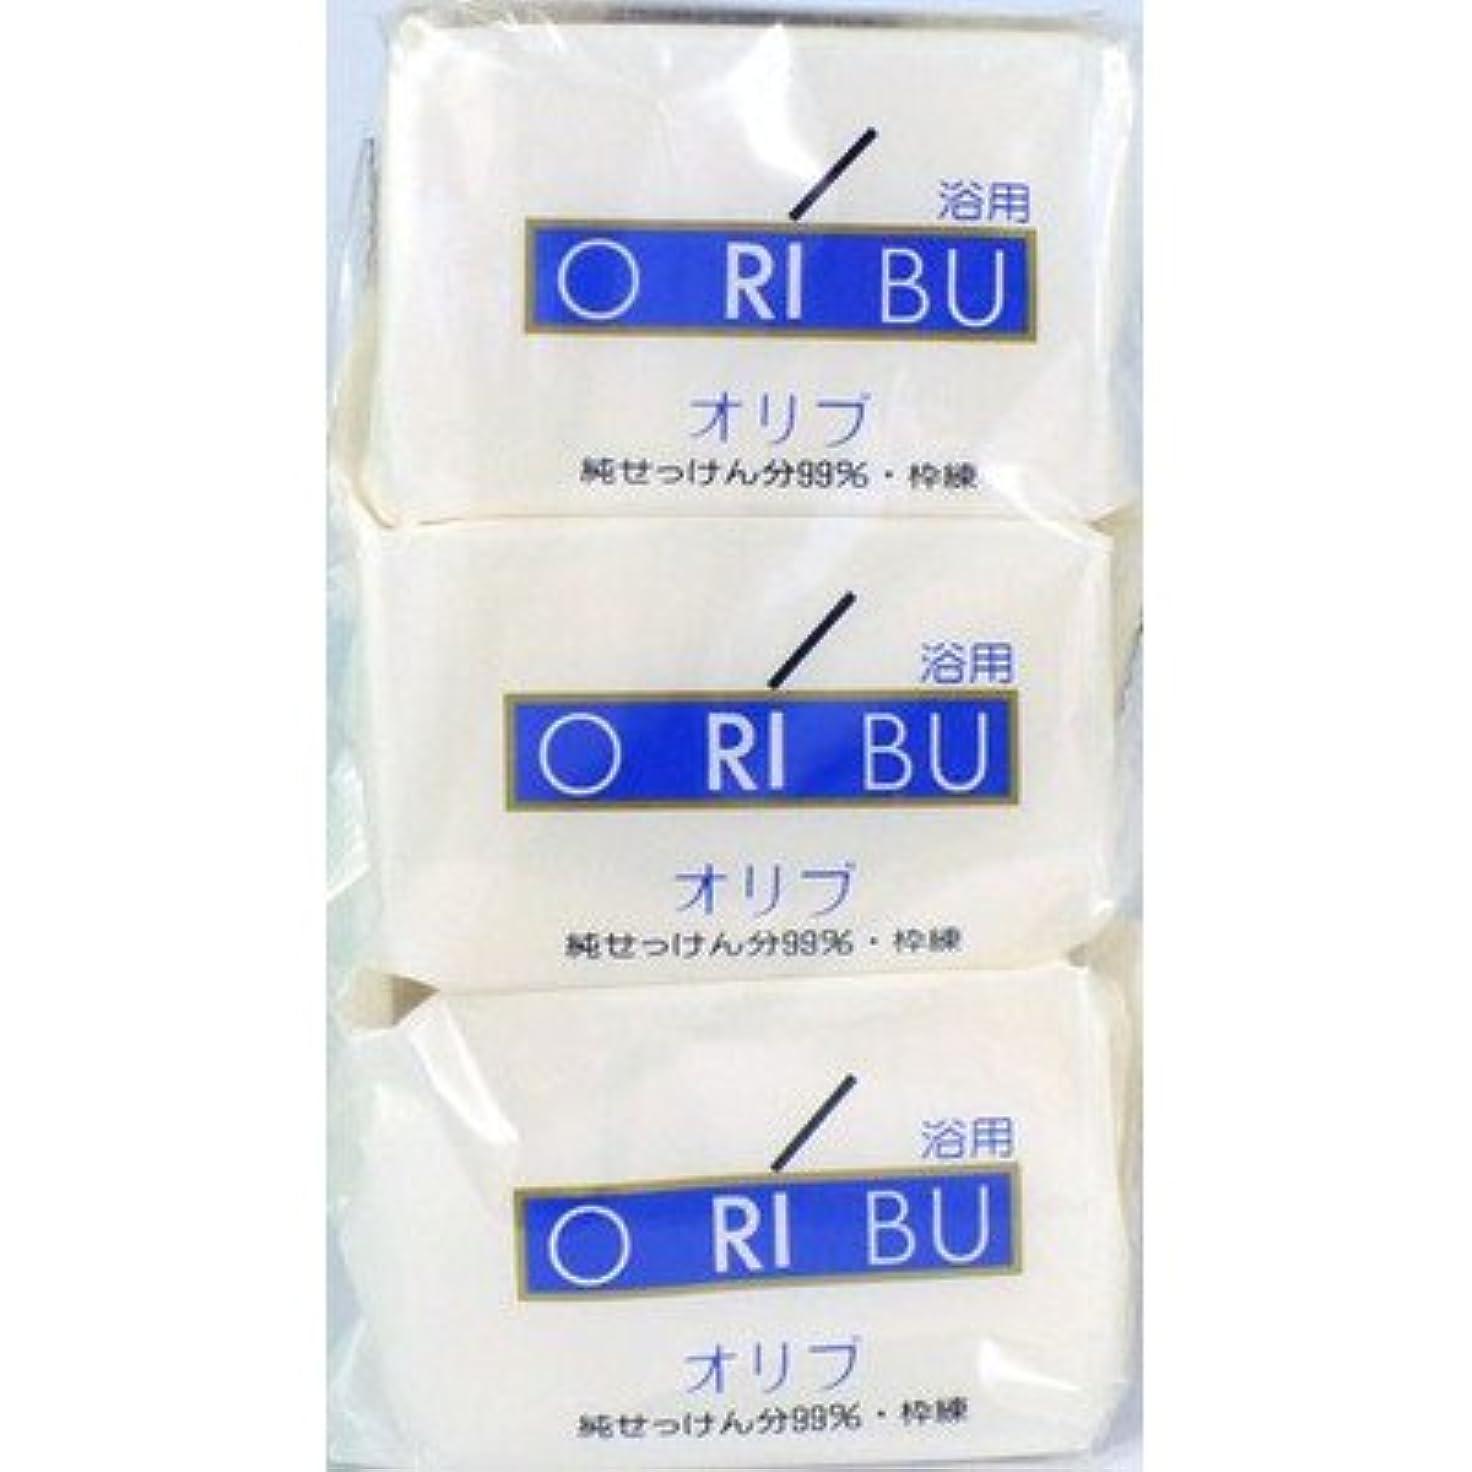 束適応する遺伝子暁石鹸 ORIBU オリブ 浴用石鹸 110g 3個入り